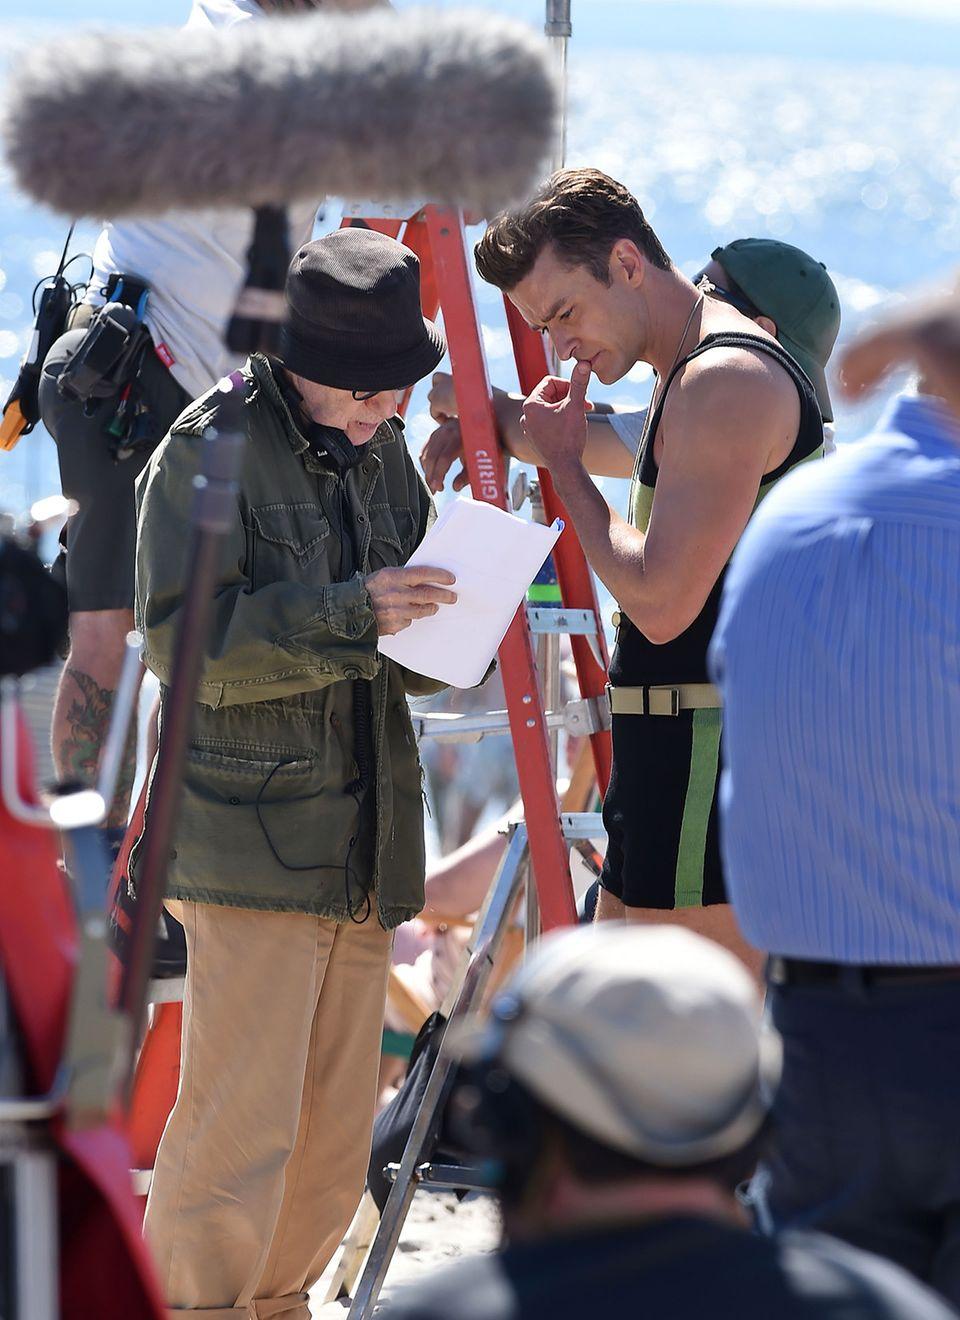 Aber nein, Justin Timberlake hat nicht etwa den Beruf gewechselt. Derzeit dreht der Sänger und Schauspieler mit Regie-Legende Woody Allen einen neuen, bisher unbetitelten Film. Und auf den freuen wir uns schon, Retro-Bademeister Justin finden wir nämlich ziemlich sexy!